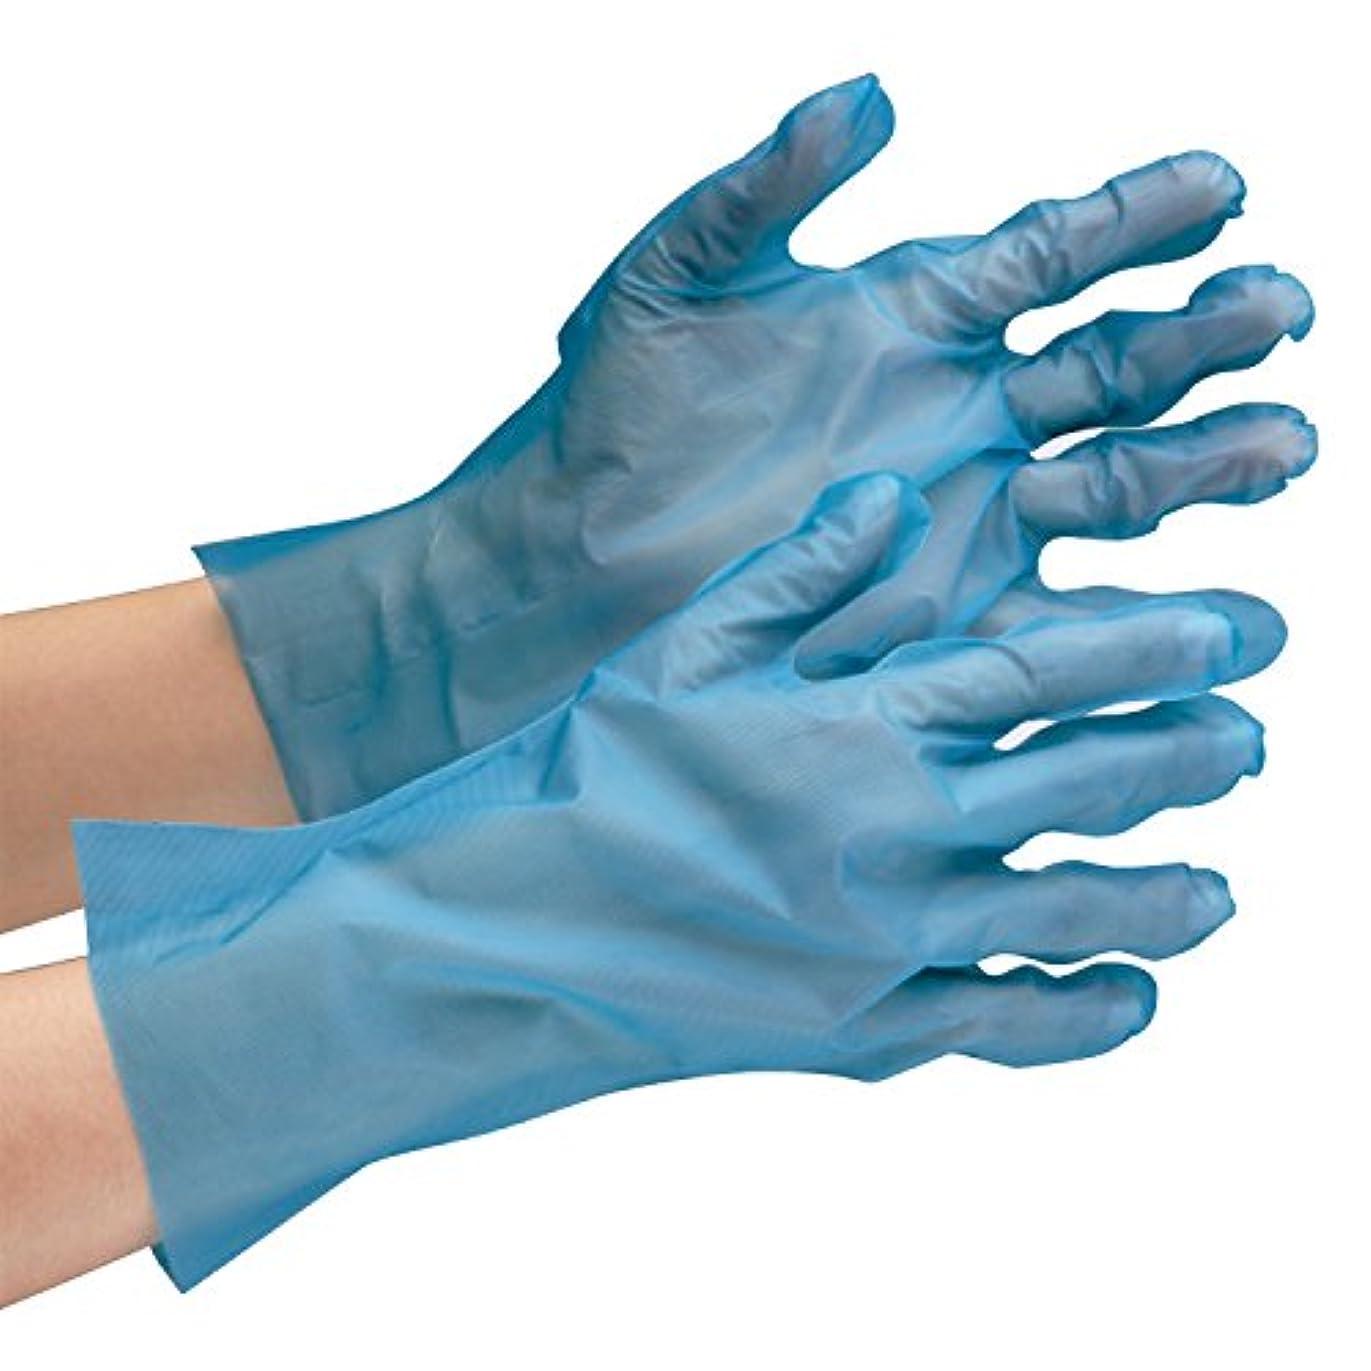 ぺディカブメダリスト乳ミドリ安全 ポリエチレン製ディスポ手袋 ベルテ576 ブルー 200枚入